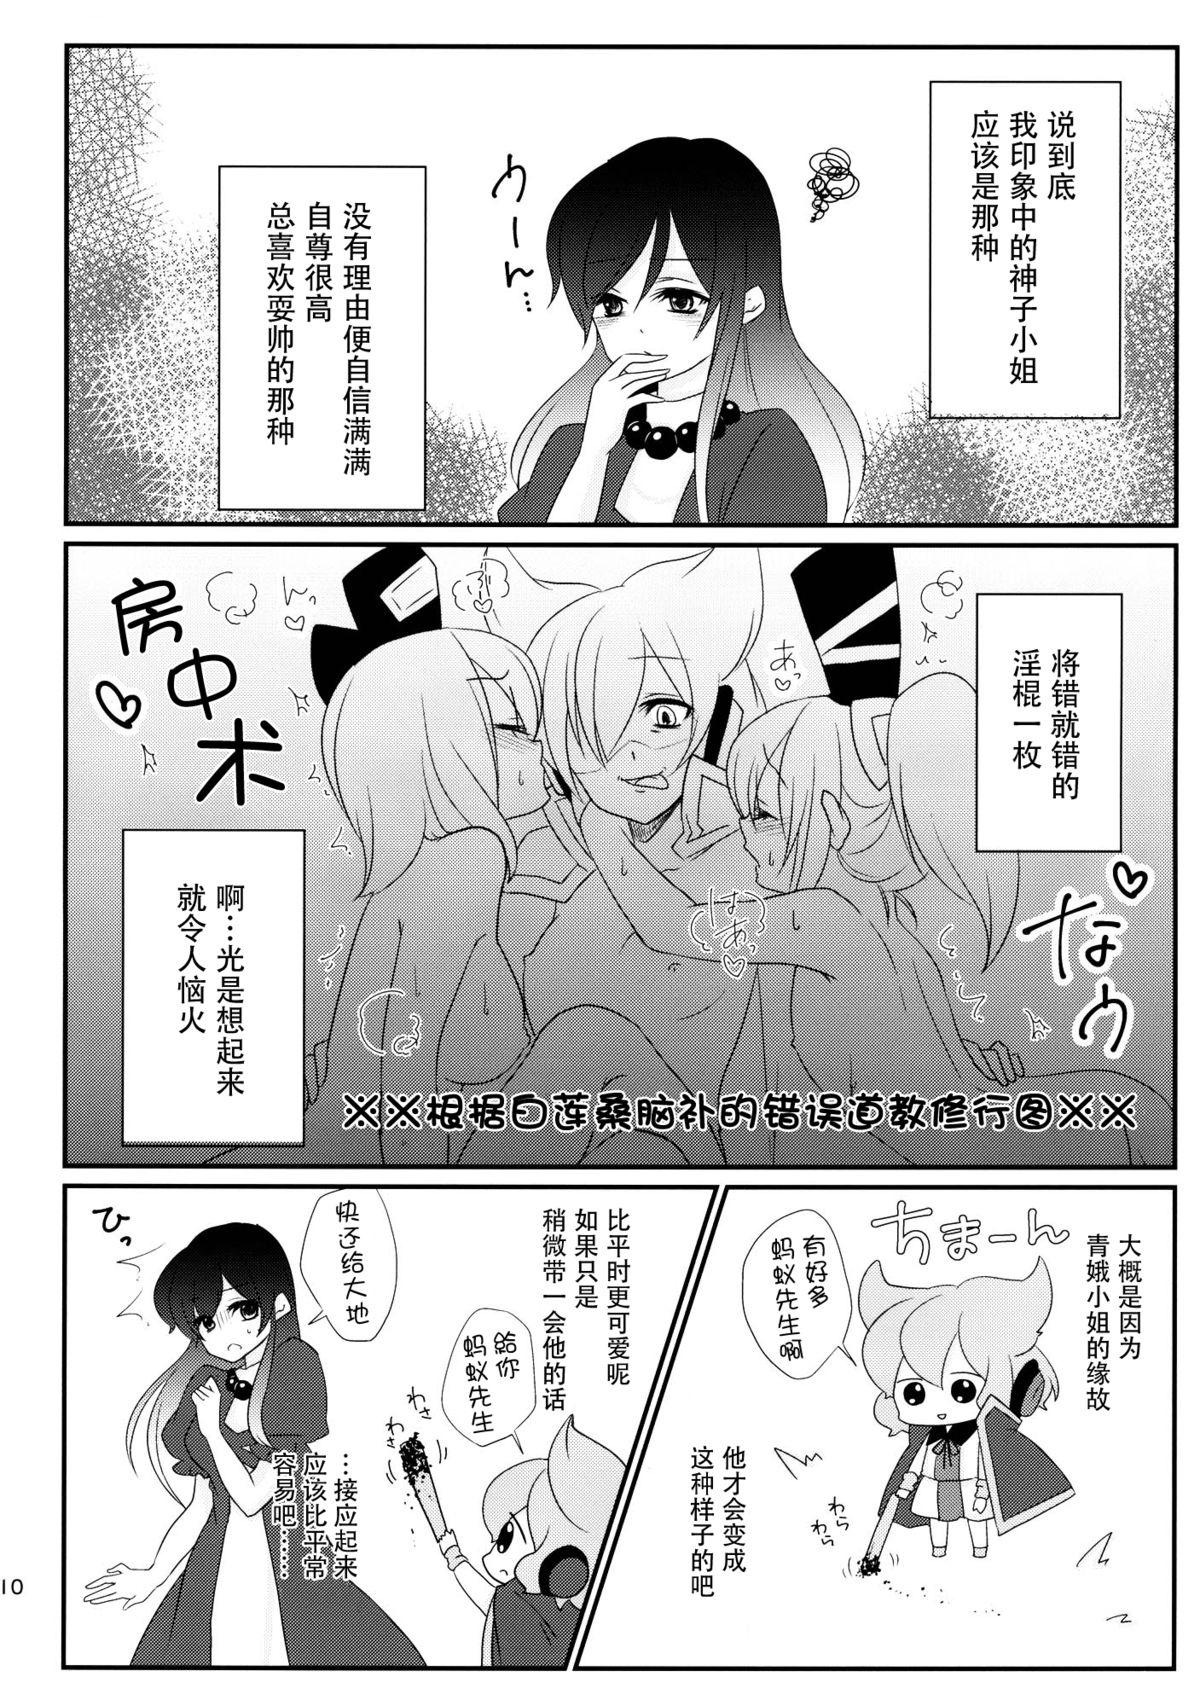 Hijiri-mama ni Onegai 11